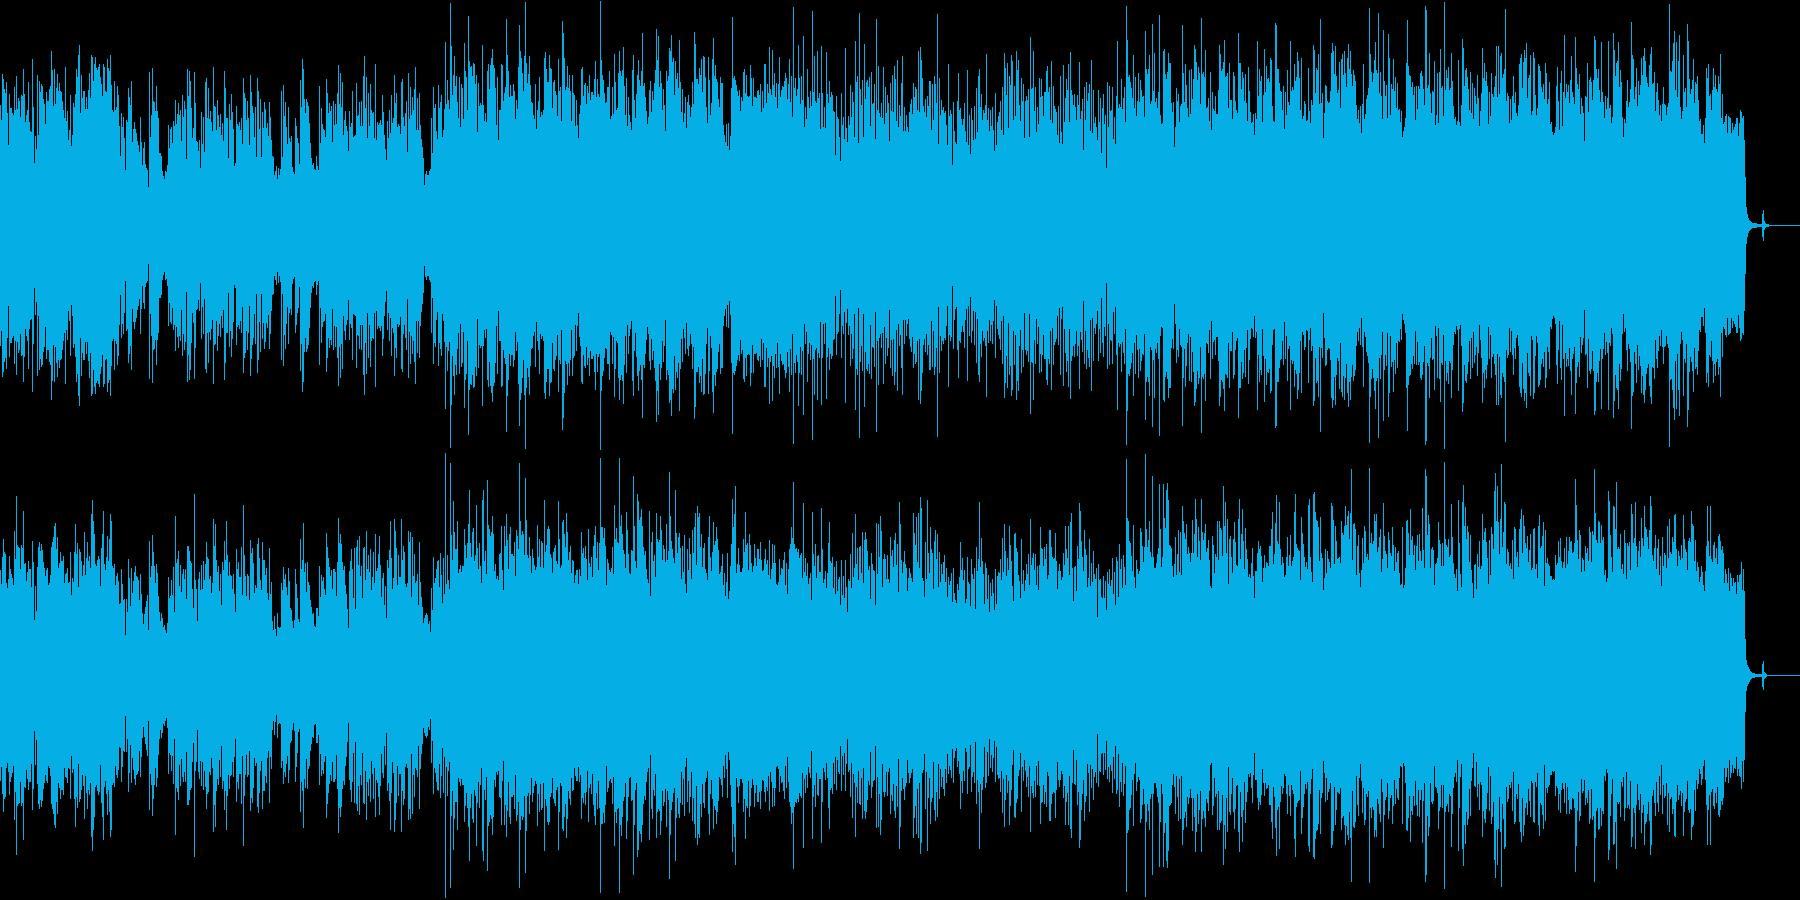 スローでドラマチックな映画音楽風の曲の再生済みの波形